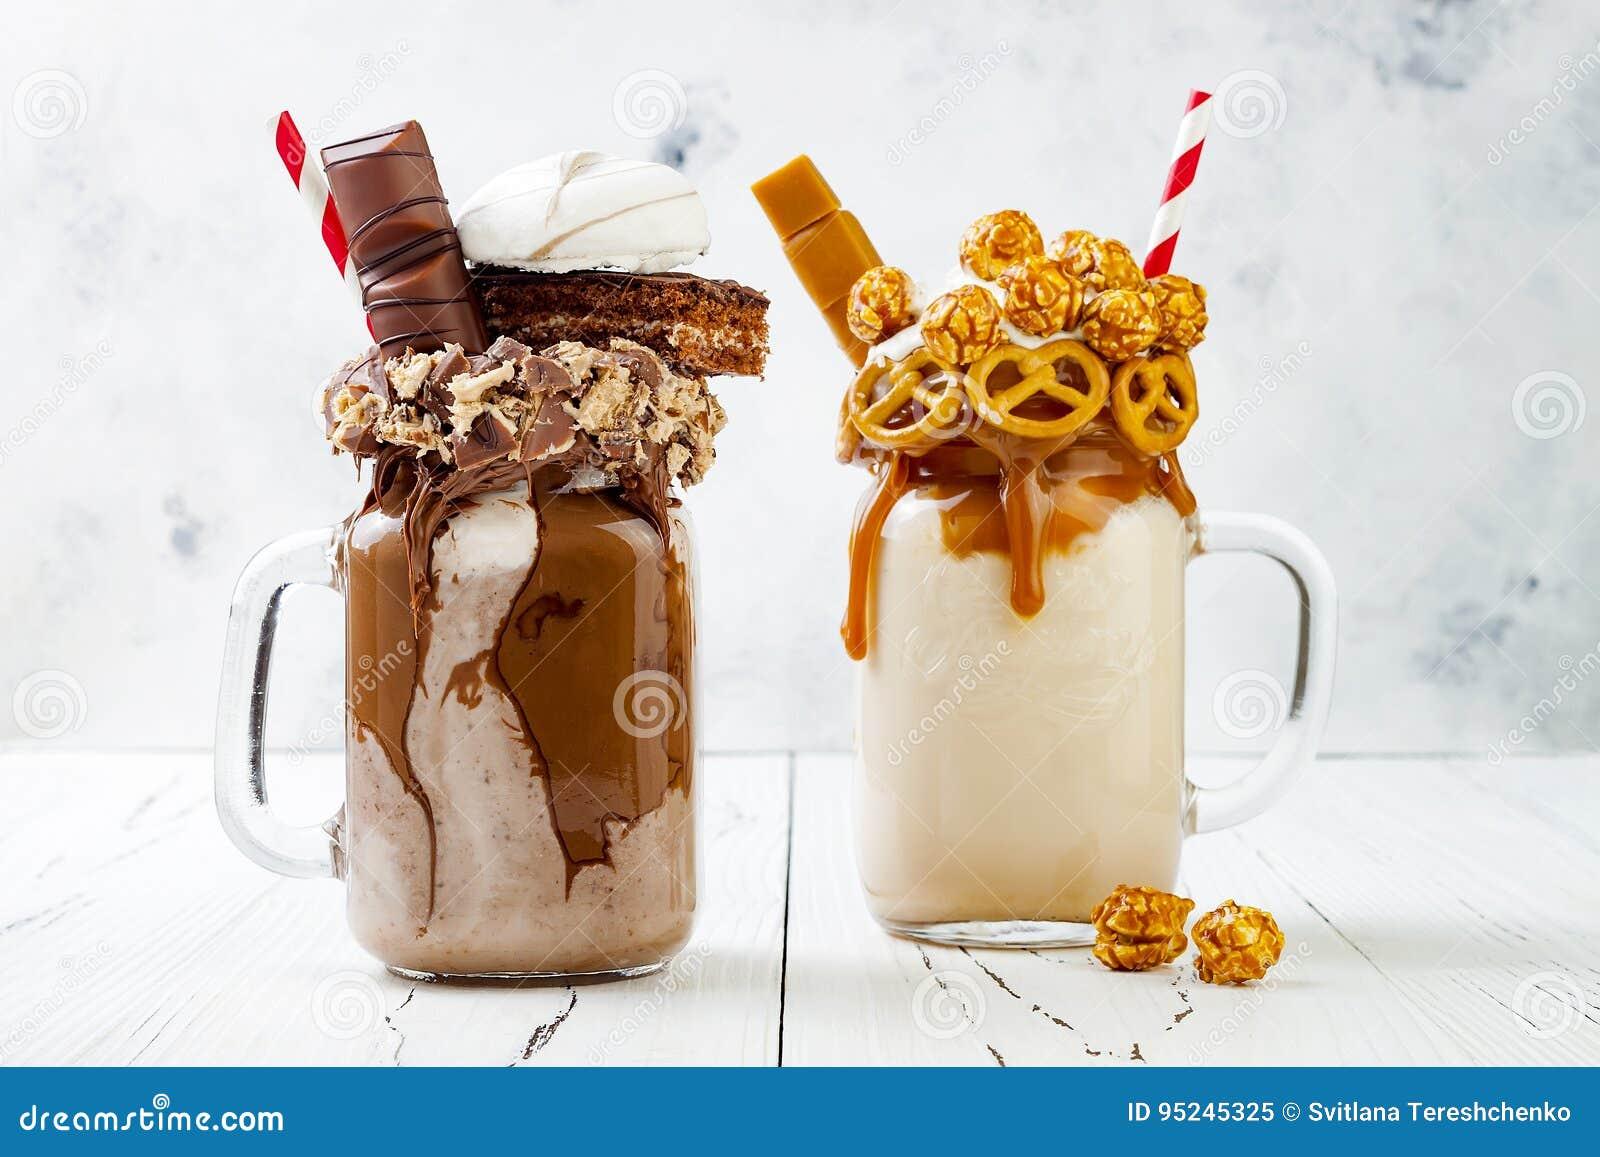 Karamell Und Schokolade Verrucktes Freakshake Milchshaken Mit